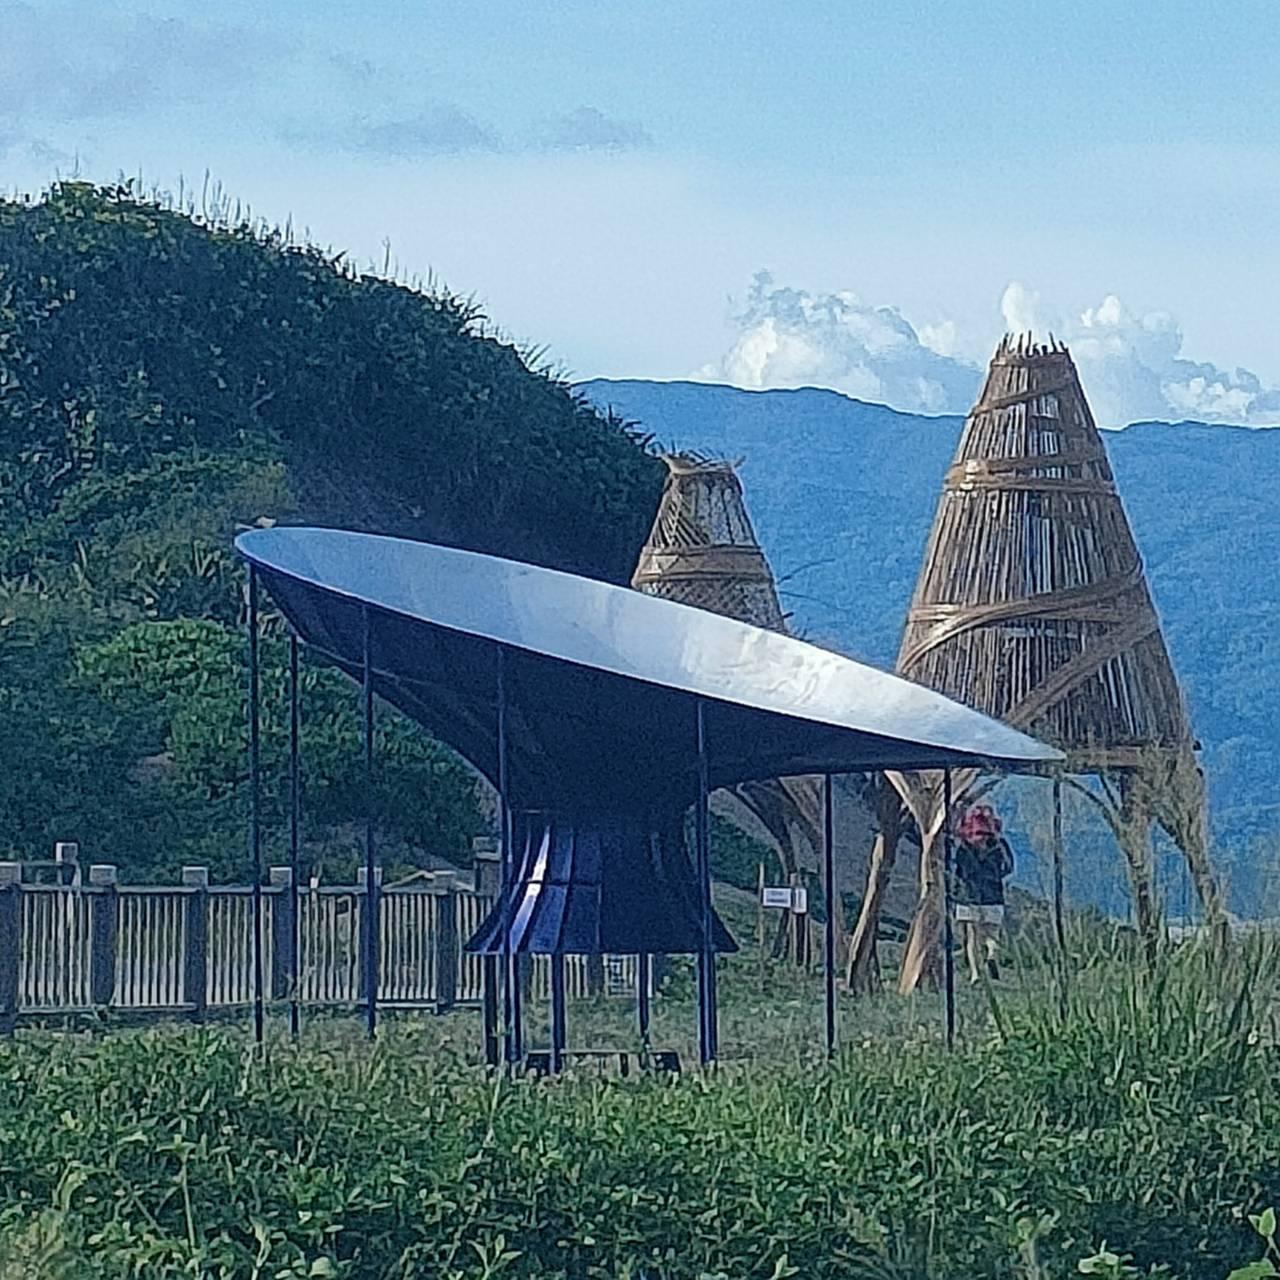 南田海濱公園臨海邊空地處,有今年「南迴藝術季」兩座公共裝置藝術品,分別來自印尼藝...